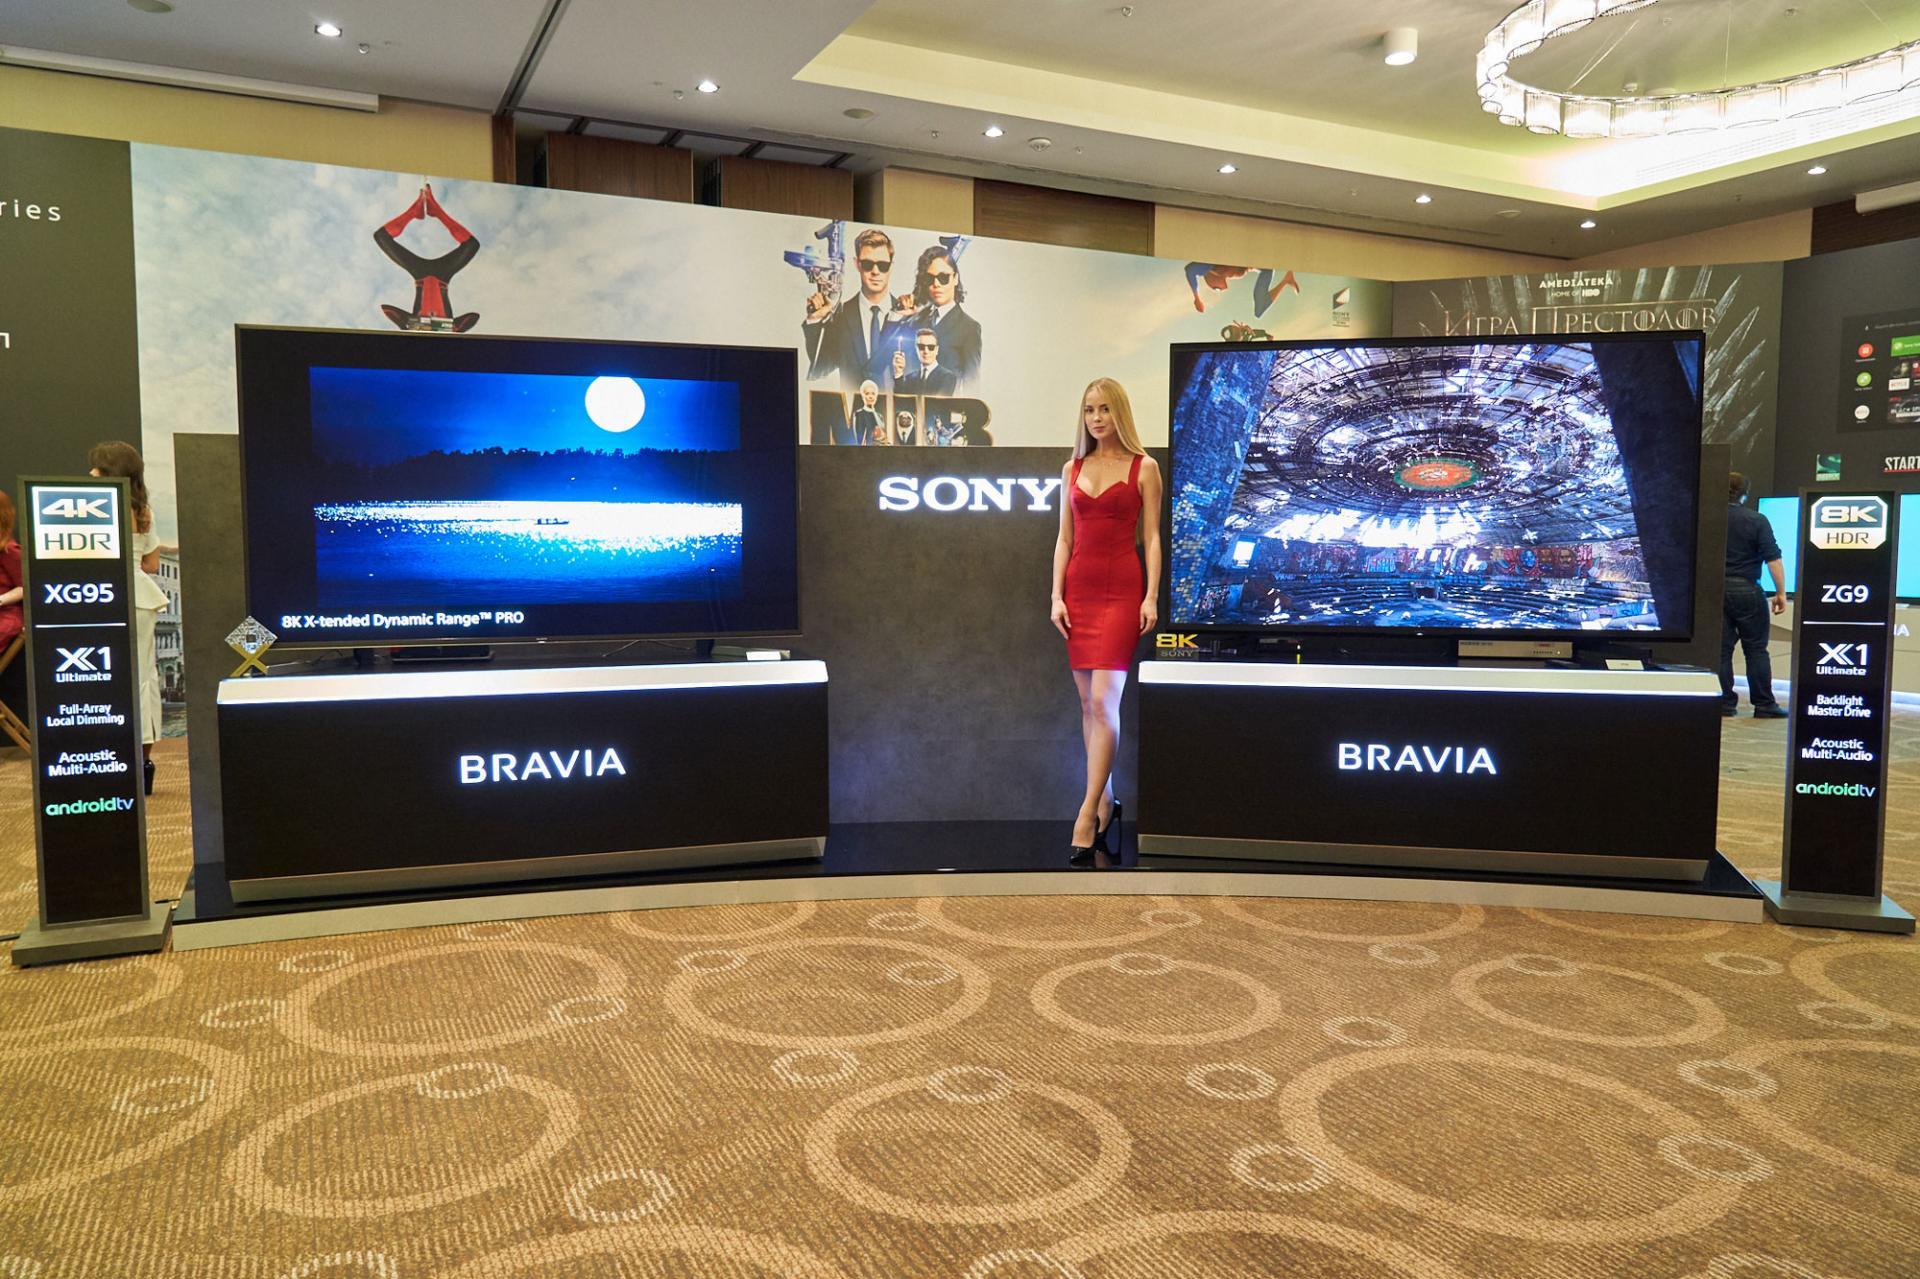 Sony обновила линейку телевизоровBravia ипоказала 8K модель